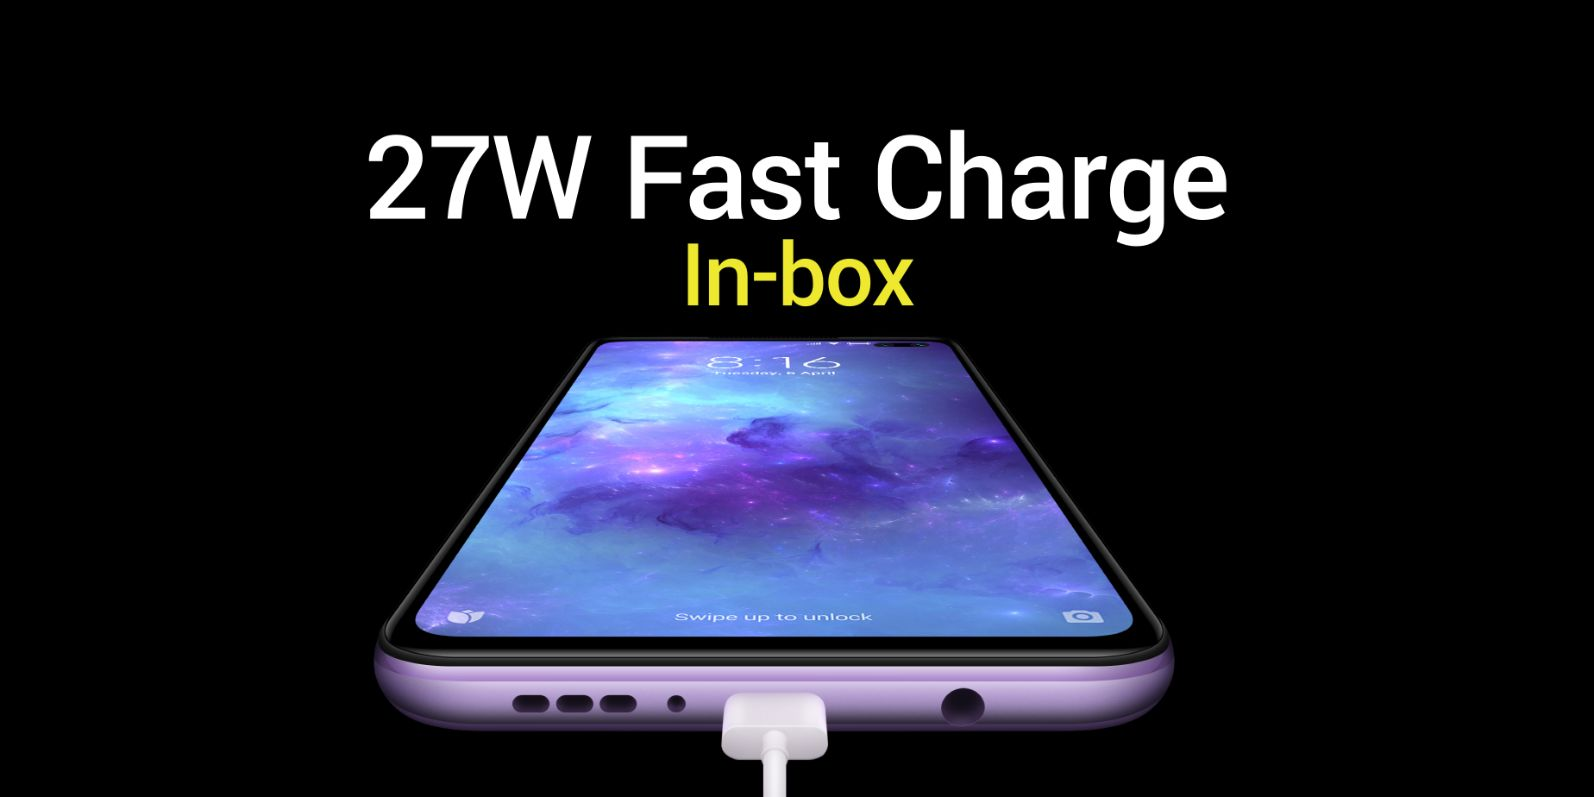 poco x2 27-watt fast charging